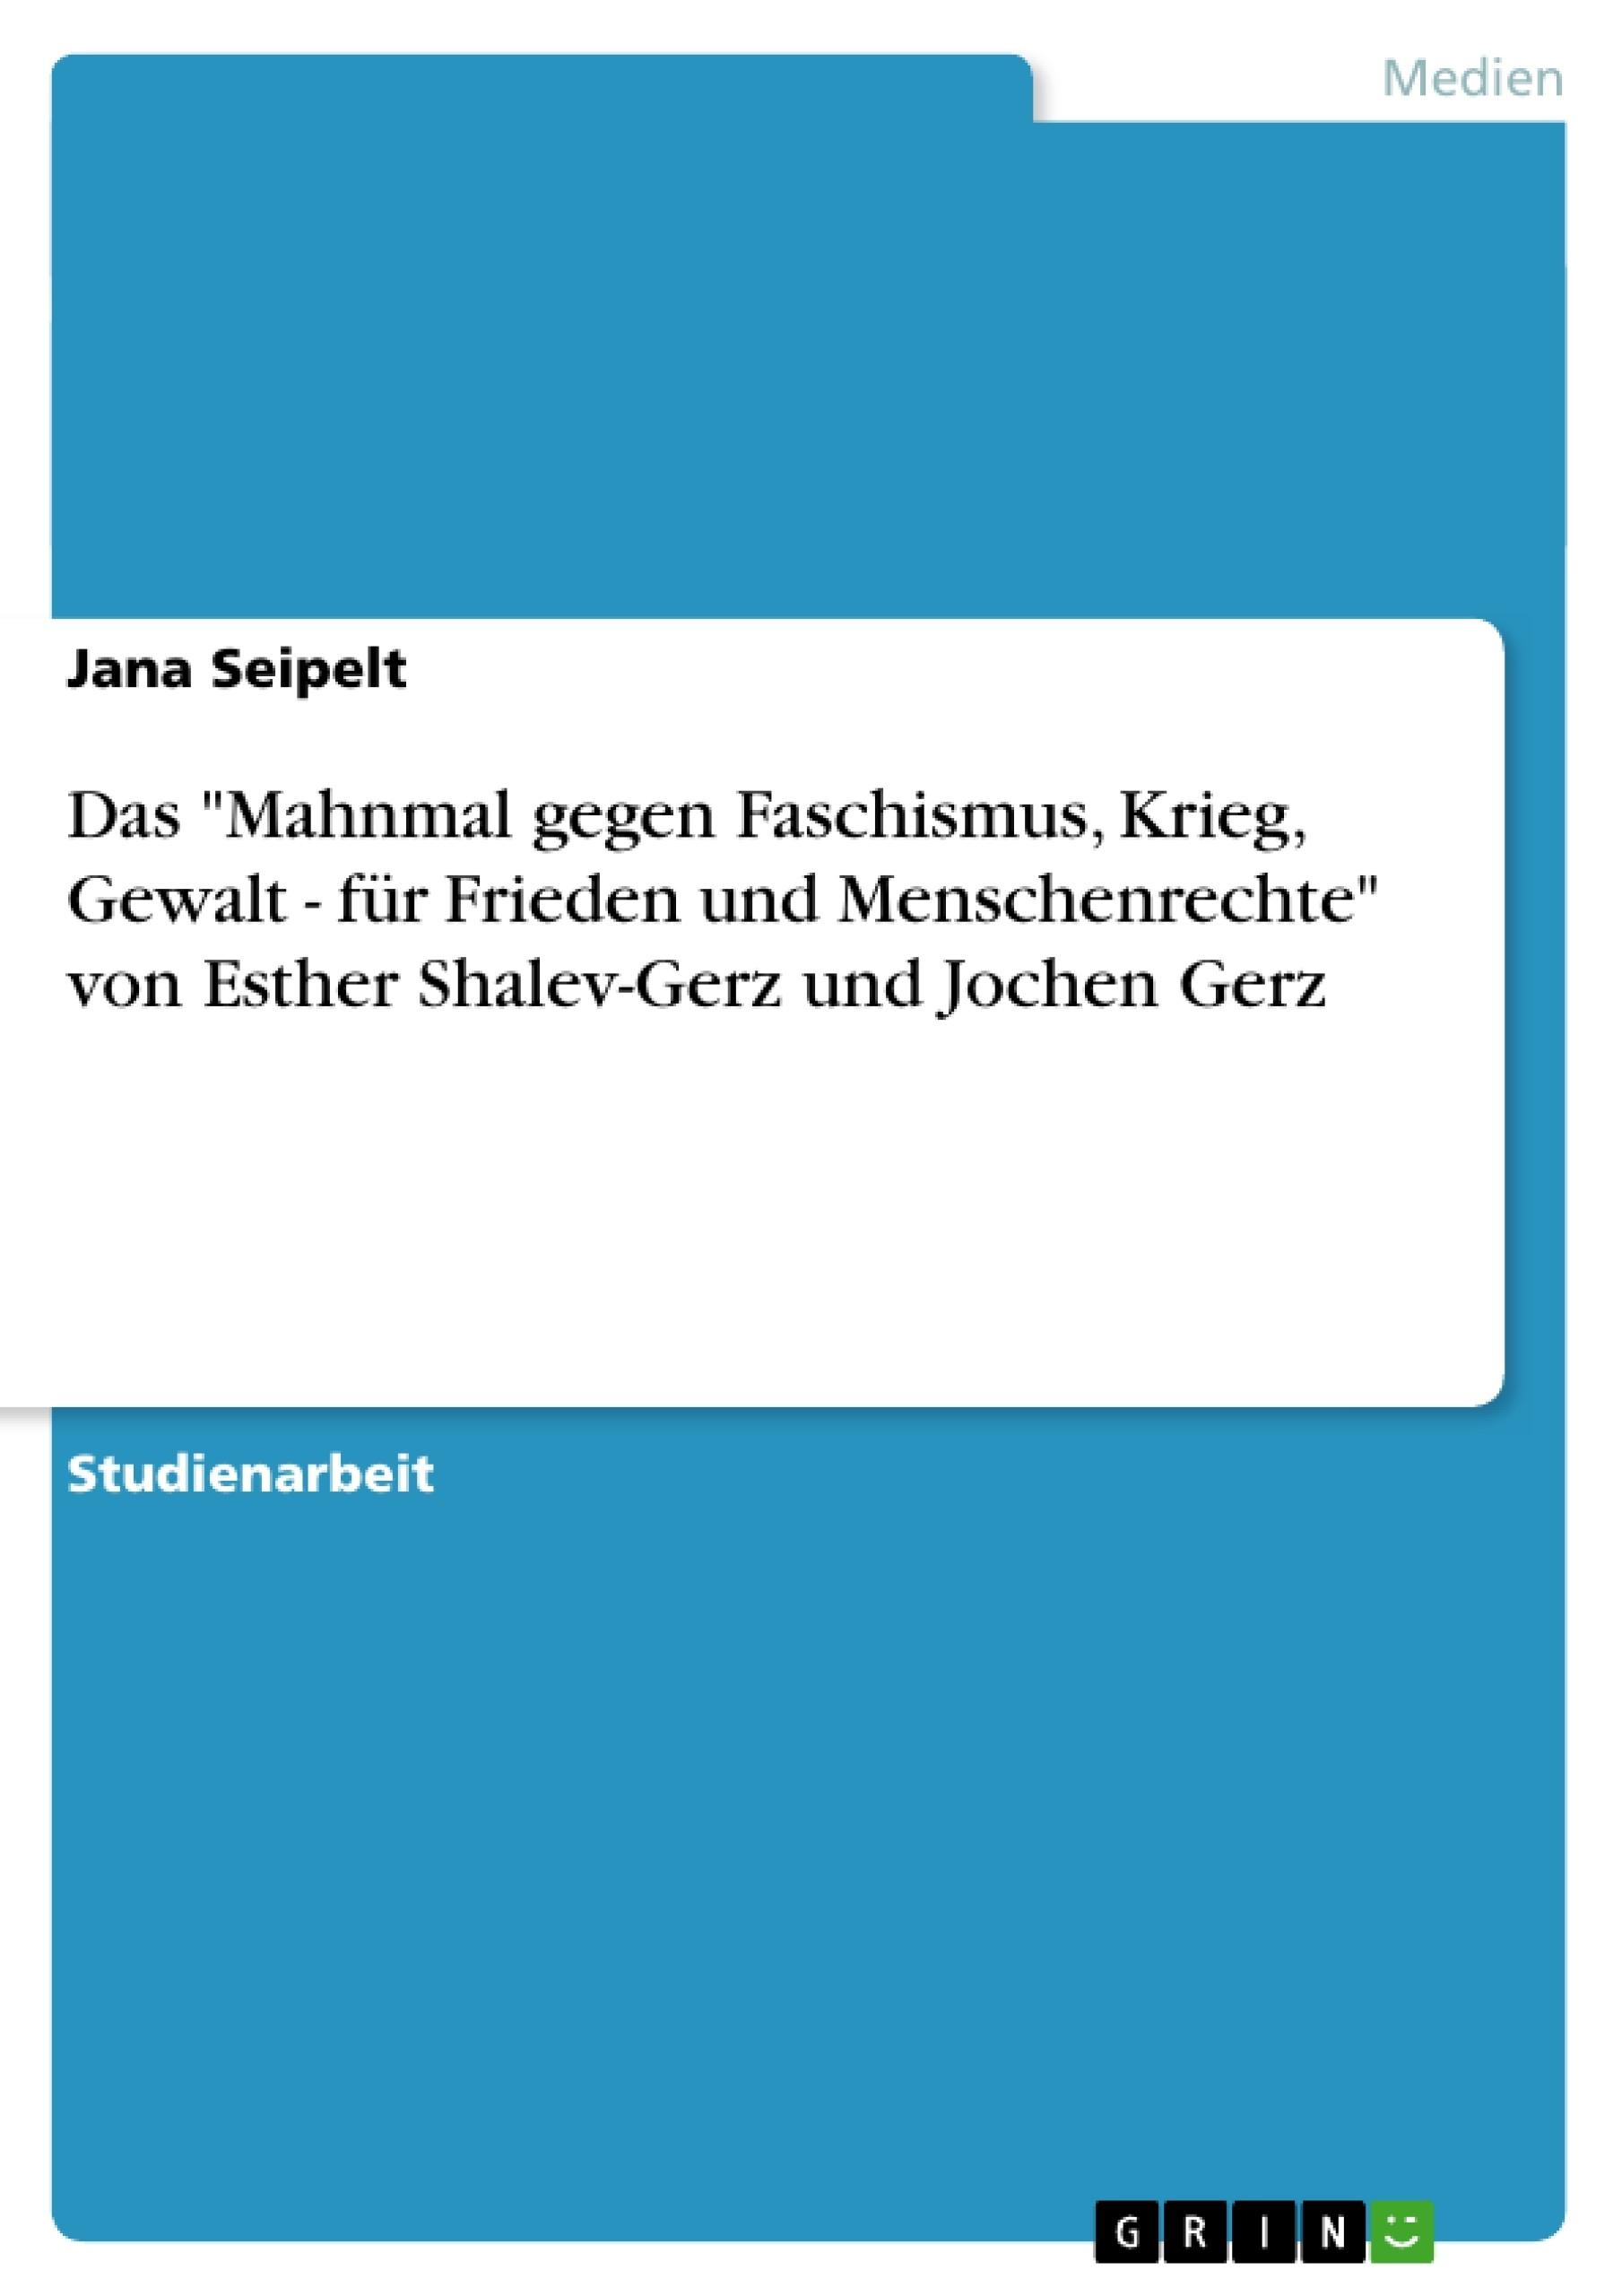 """Titel: Das """"Mahnmal gegen Faschismus, Krieg, Gewalt - für Frieden und Menschenrechte"""" von Esther Shalev-Gerz und Jochen Gerz"""